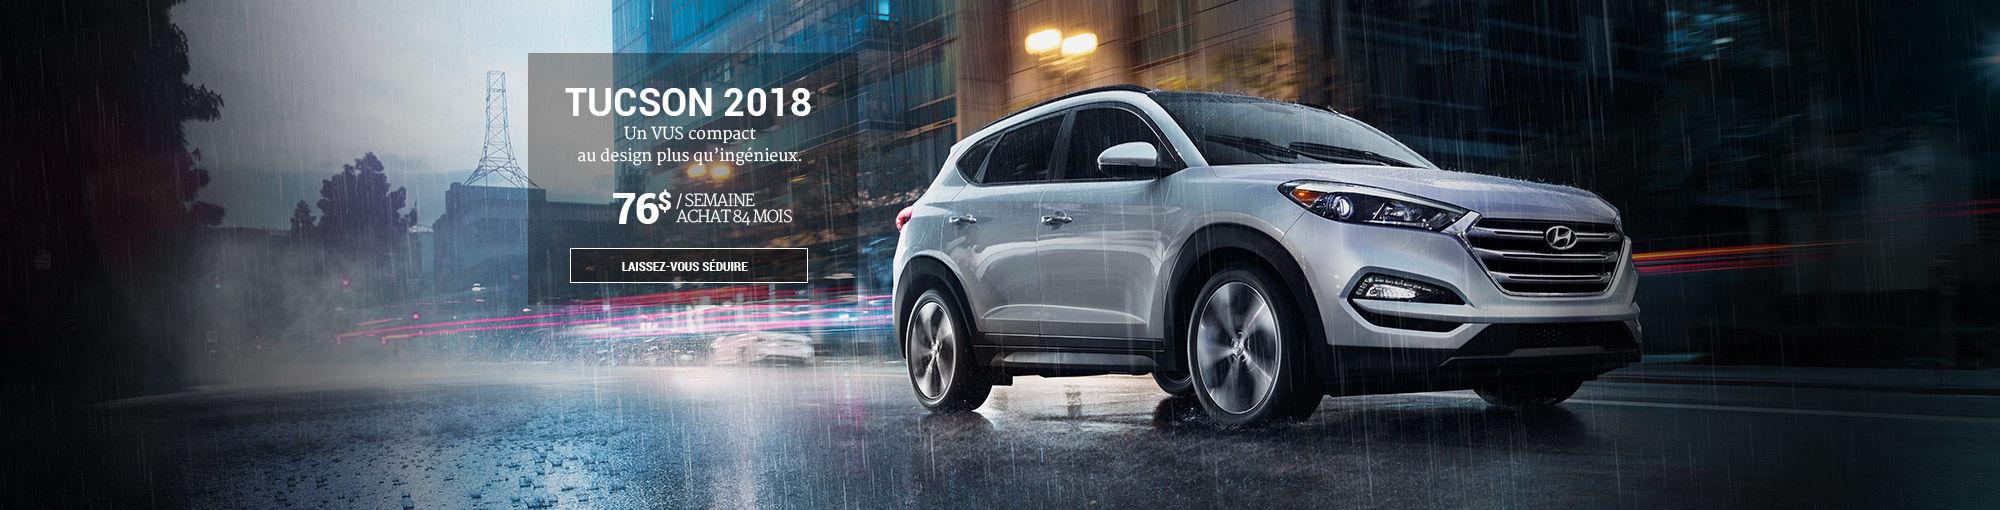 Hyundai Tucson 2018 header juin